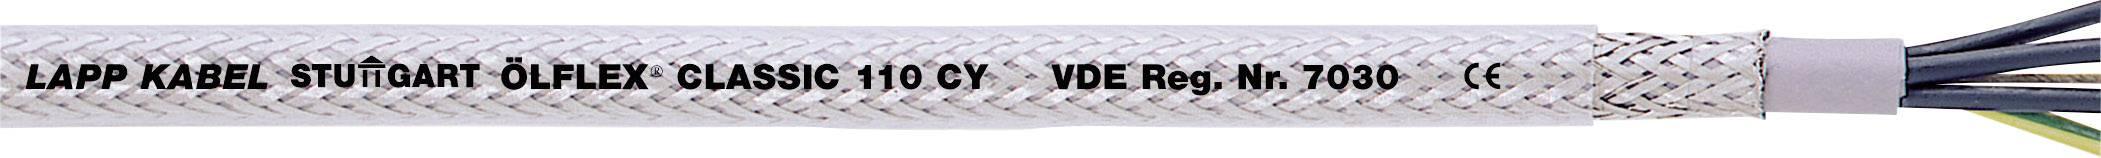 Leitungen ÖLFLEX® CLASSIC 110 CY 4G0,75mm2 PVC  transparent 1135104 Mehraderleit